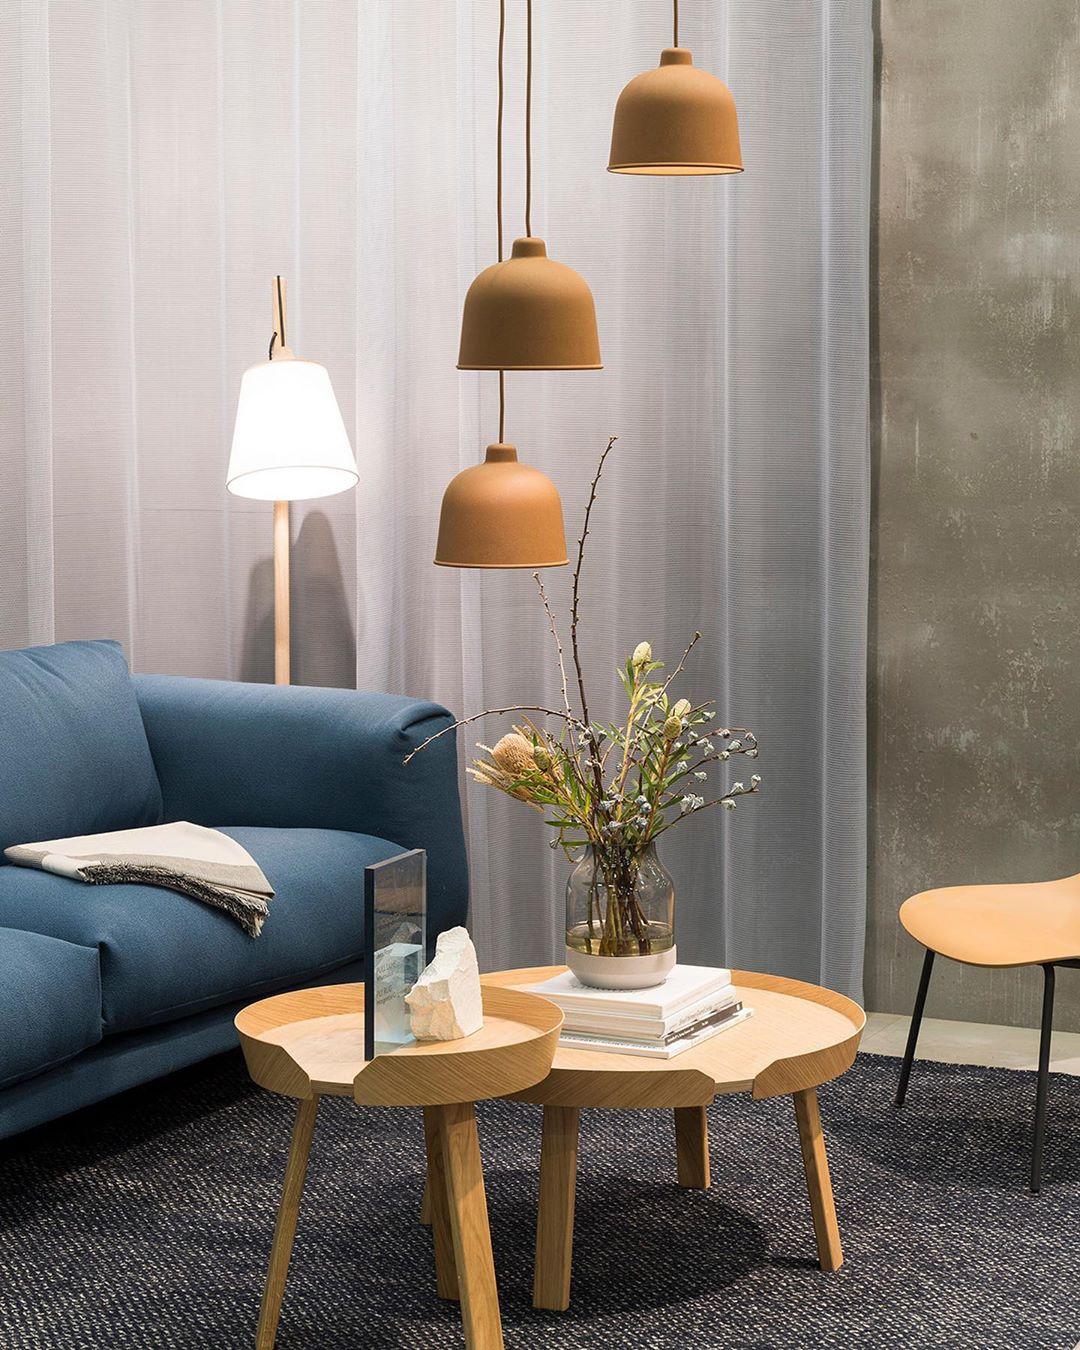 Desain Interior Ruang Keluarga Minimalis Modern Yang Terkesan Mewah Dan Romantis Inspirasi Desain Rumah Terkini